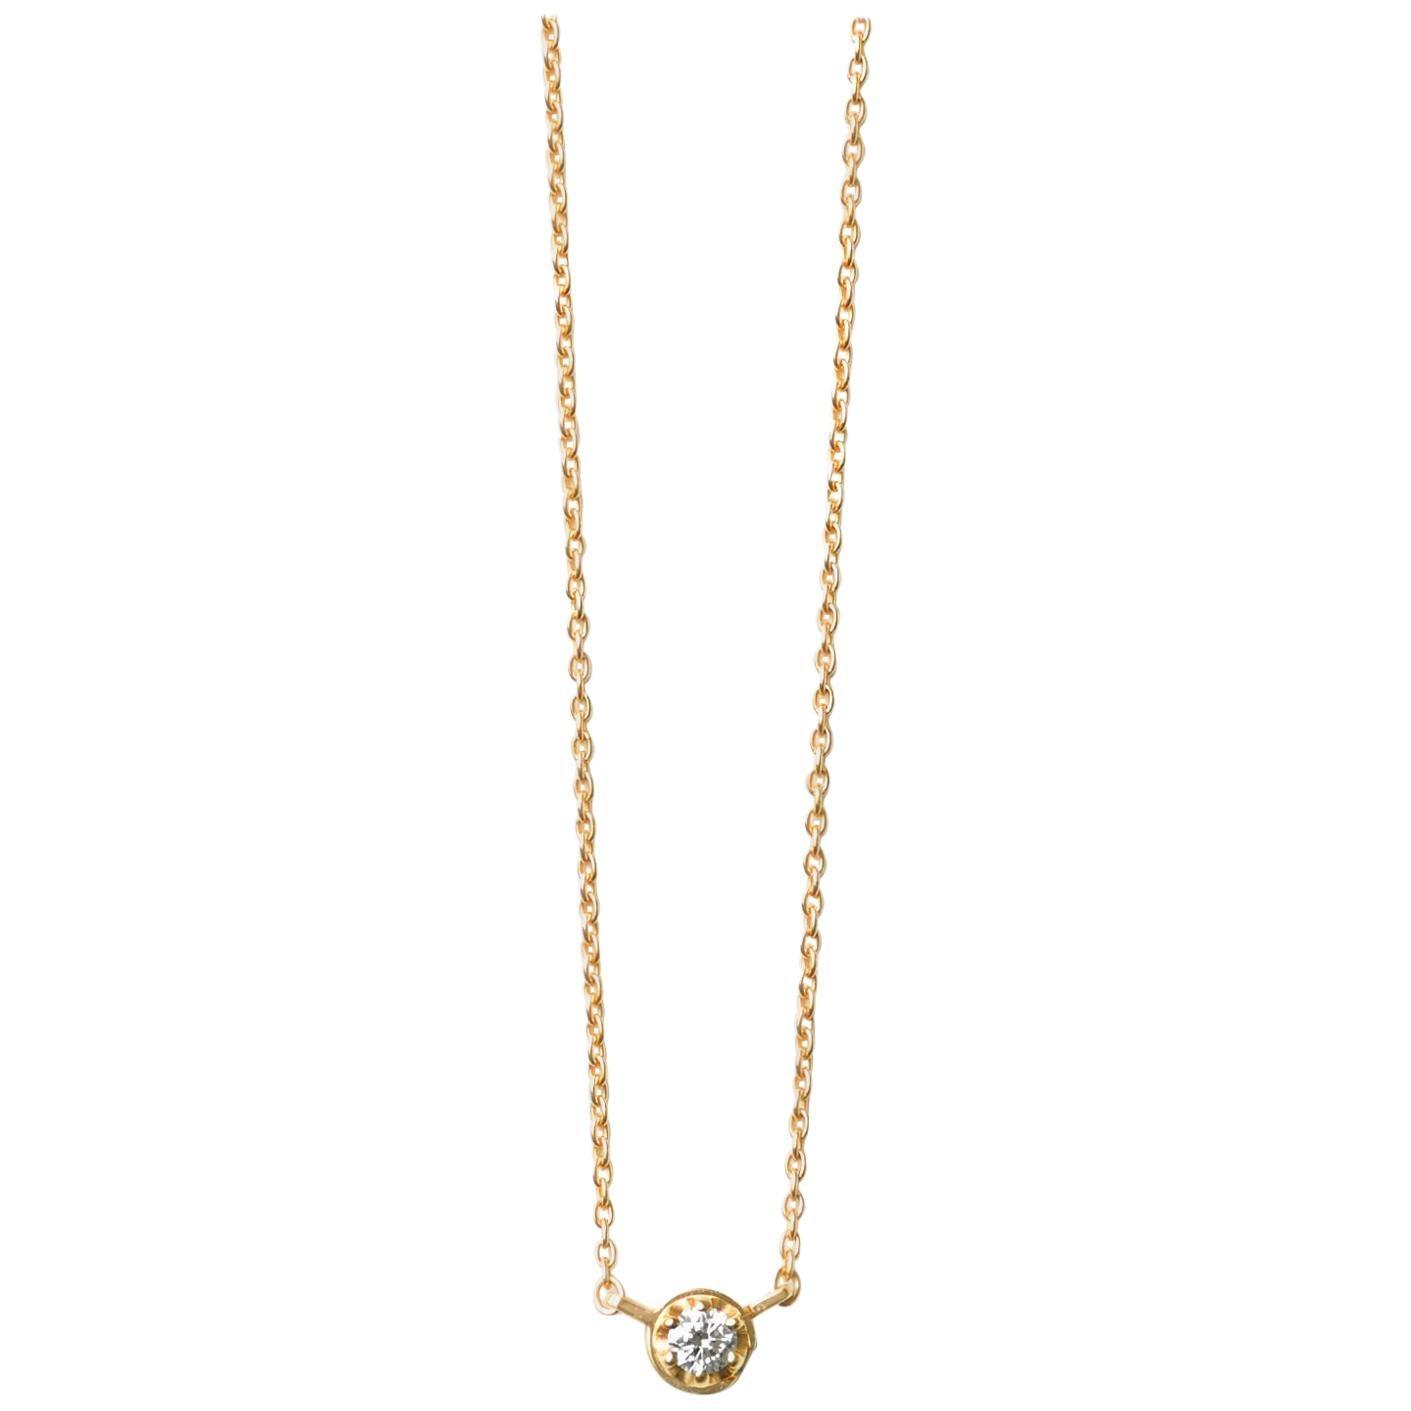 18 Karat Yellow Gold 0.1 Carat Diamond Necklace